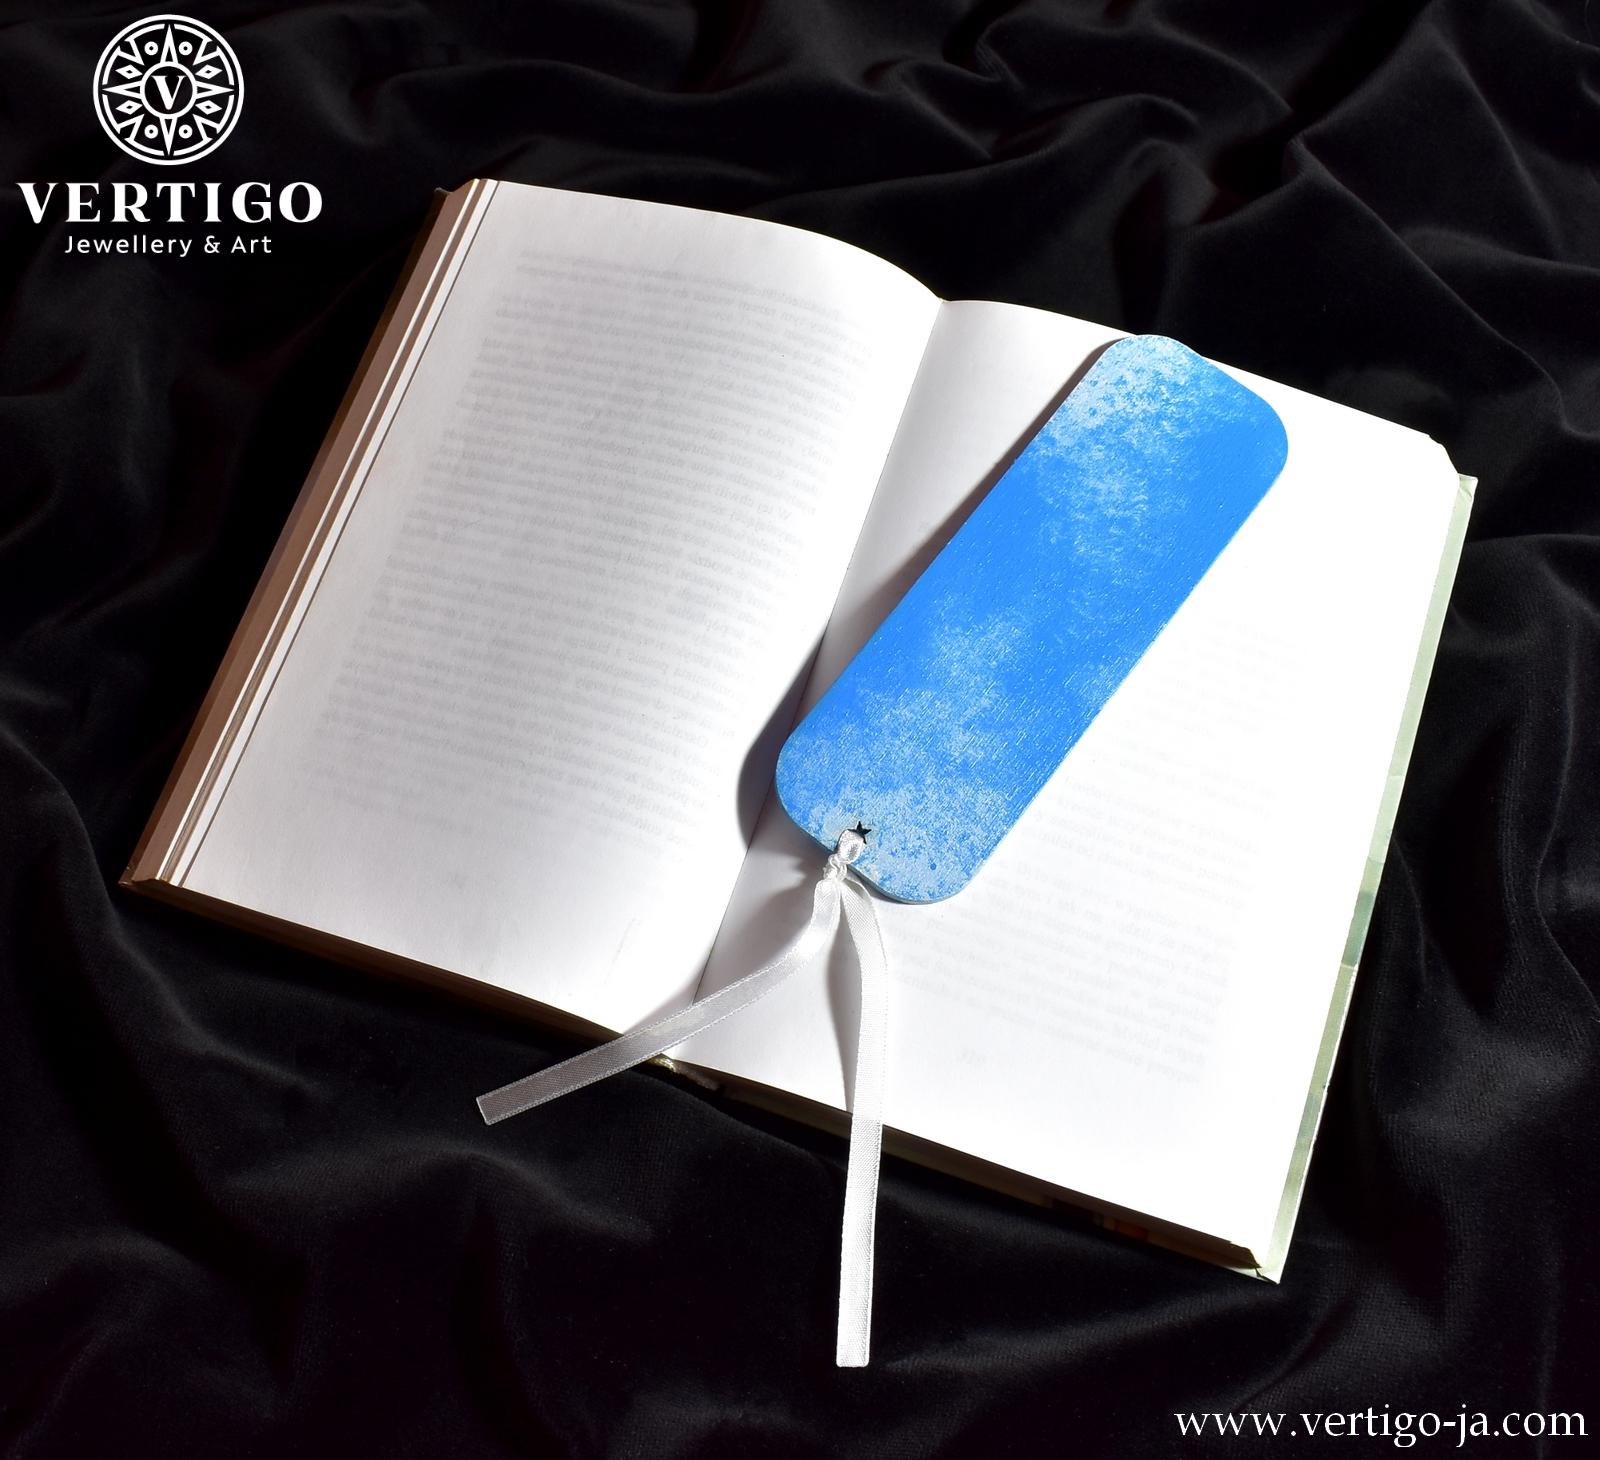 Drewniana zakładka do książki z błękitnym niebem z delikatnymi białymi obłoczkami. Ręcznie malowana.